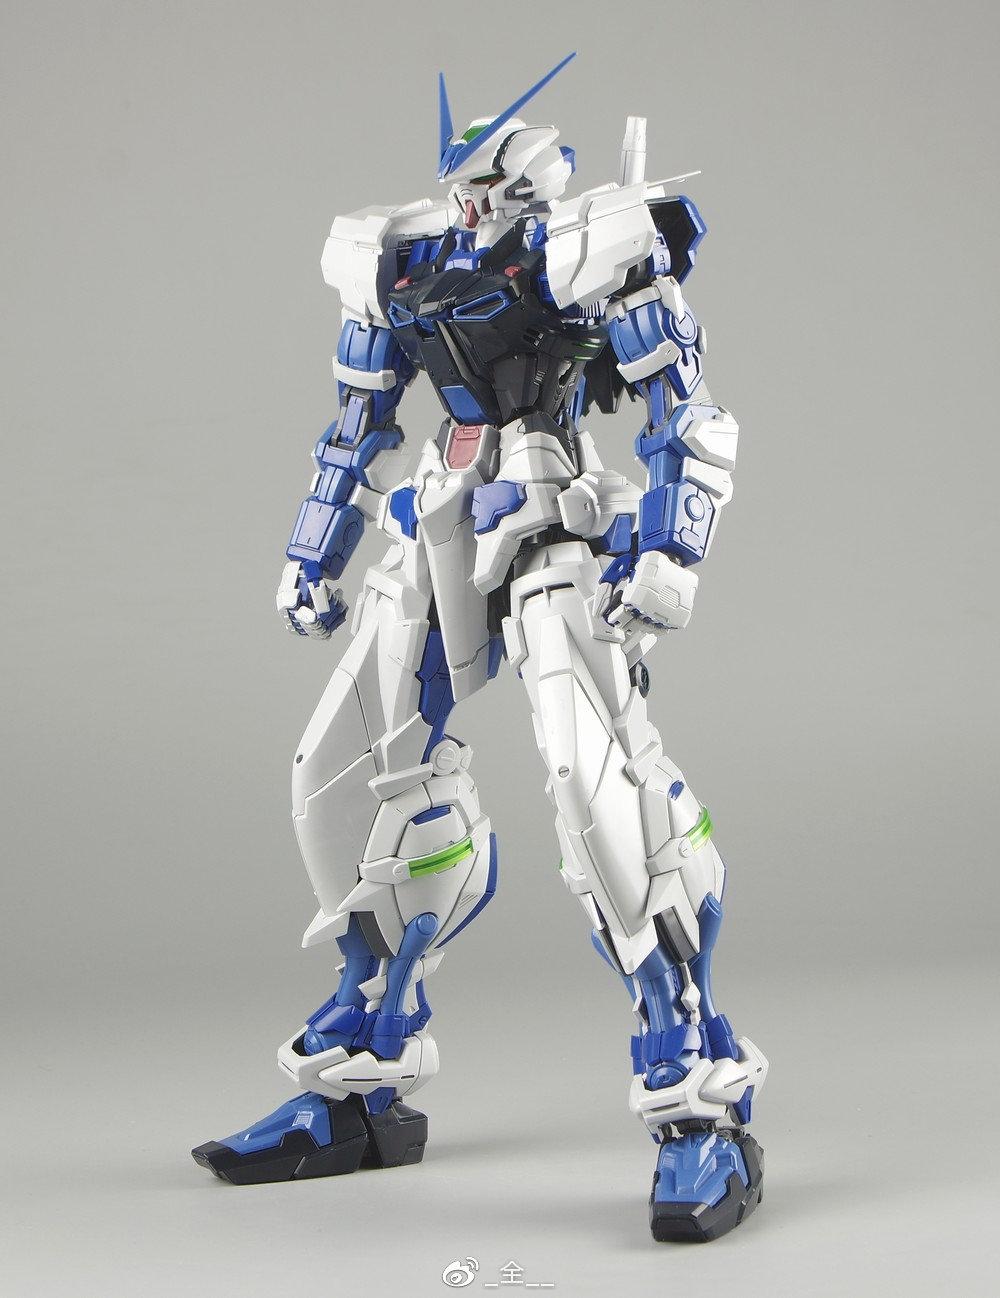 S306_blueframe_astray_048.jpg